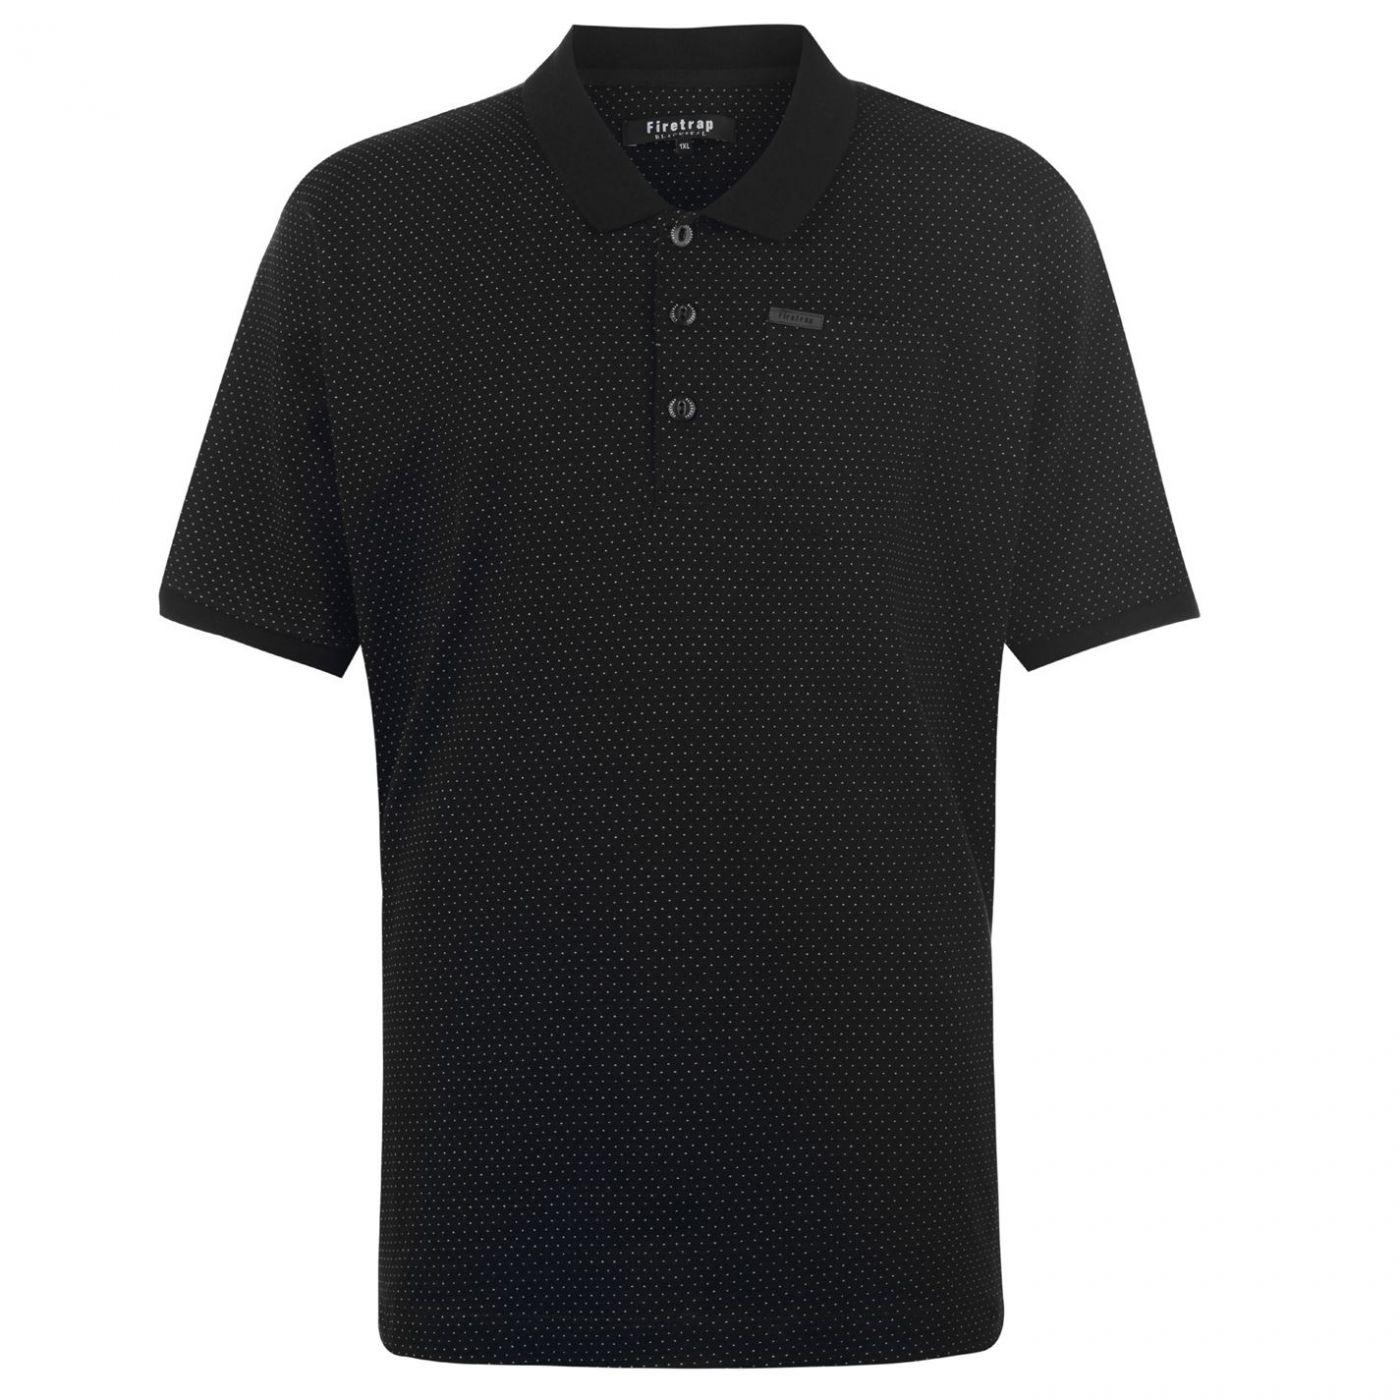 Firetrap Blackseal XL Pinpoint Polo Shirt